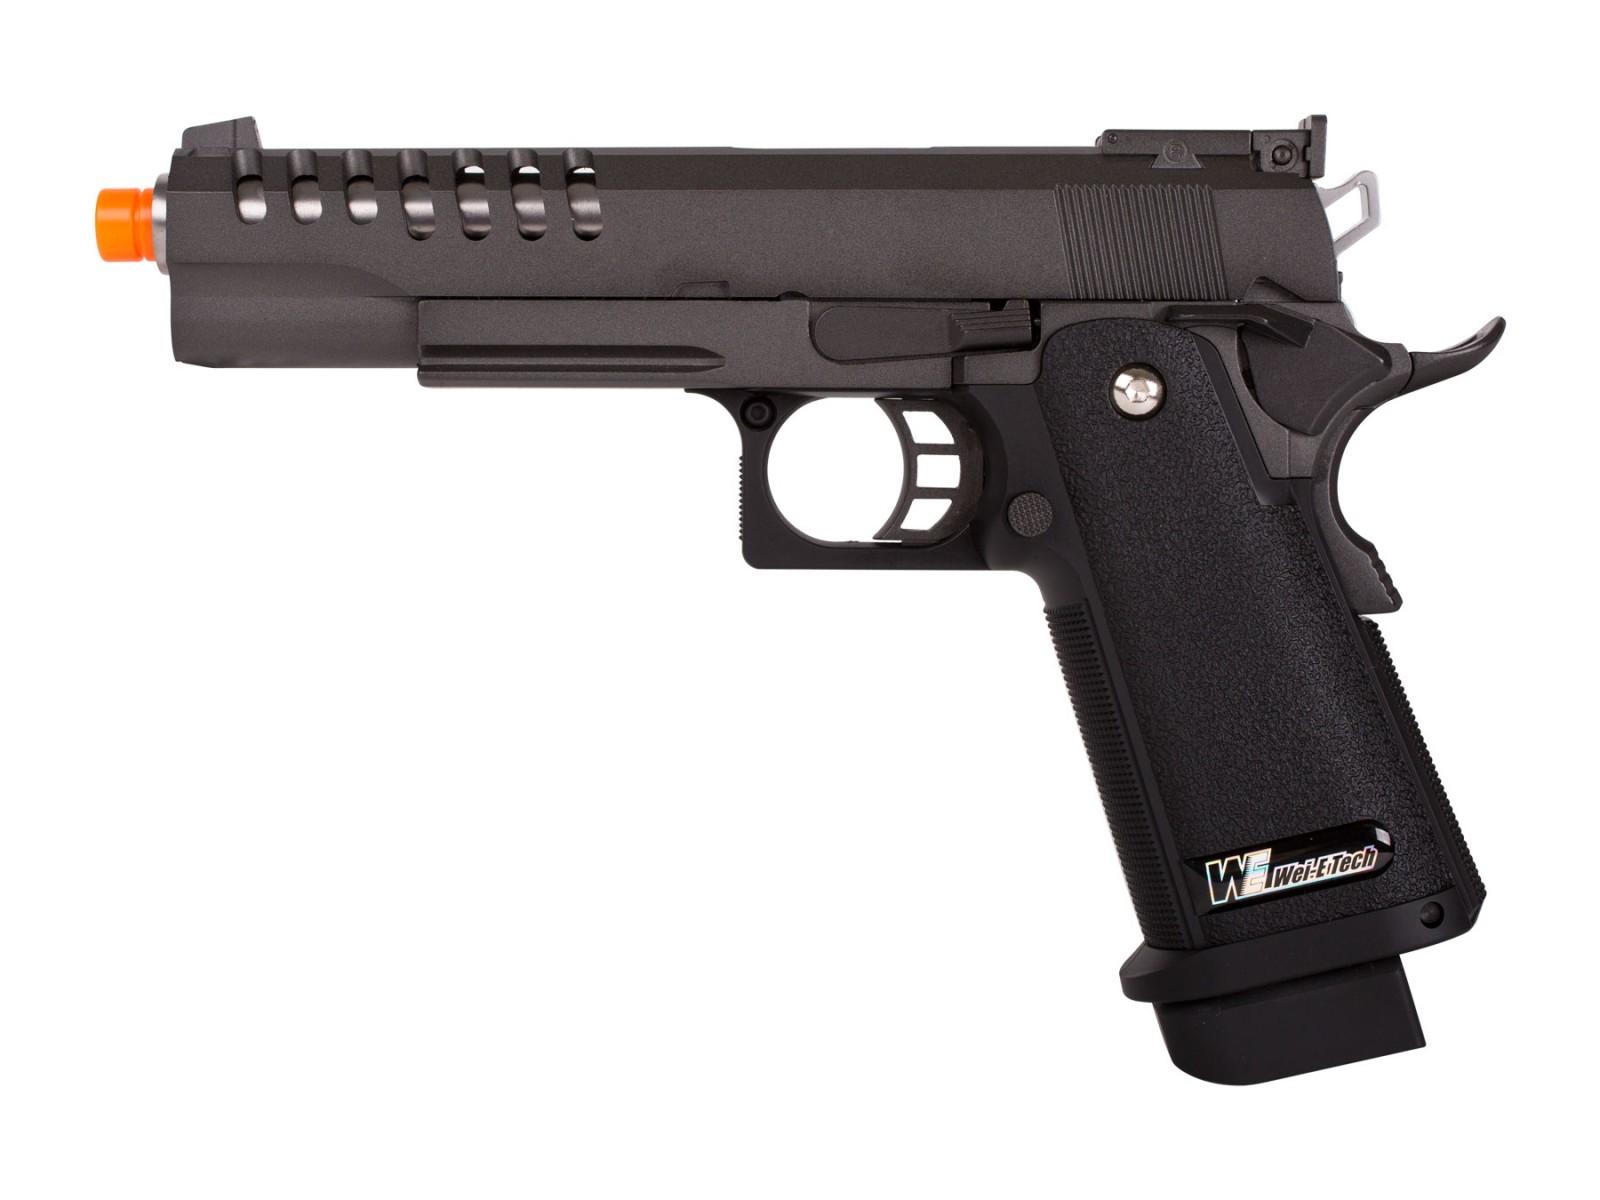 WE Hi-Capa 5.1 K1 Gas Blowback Airsoft Pistol